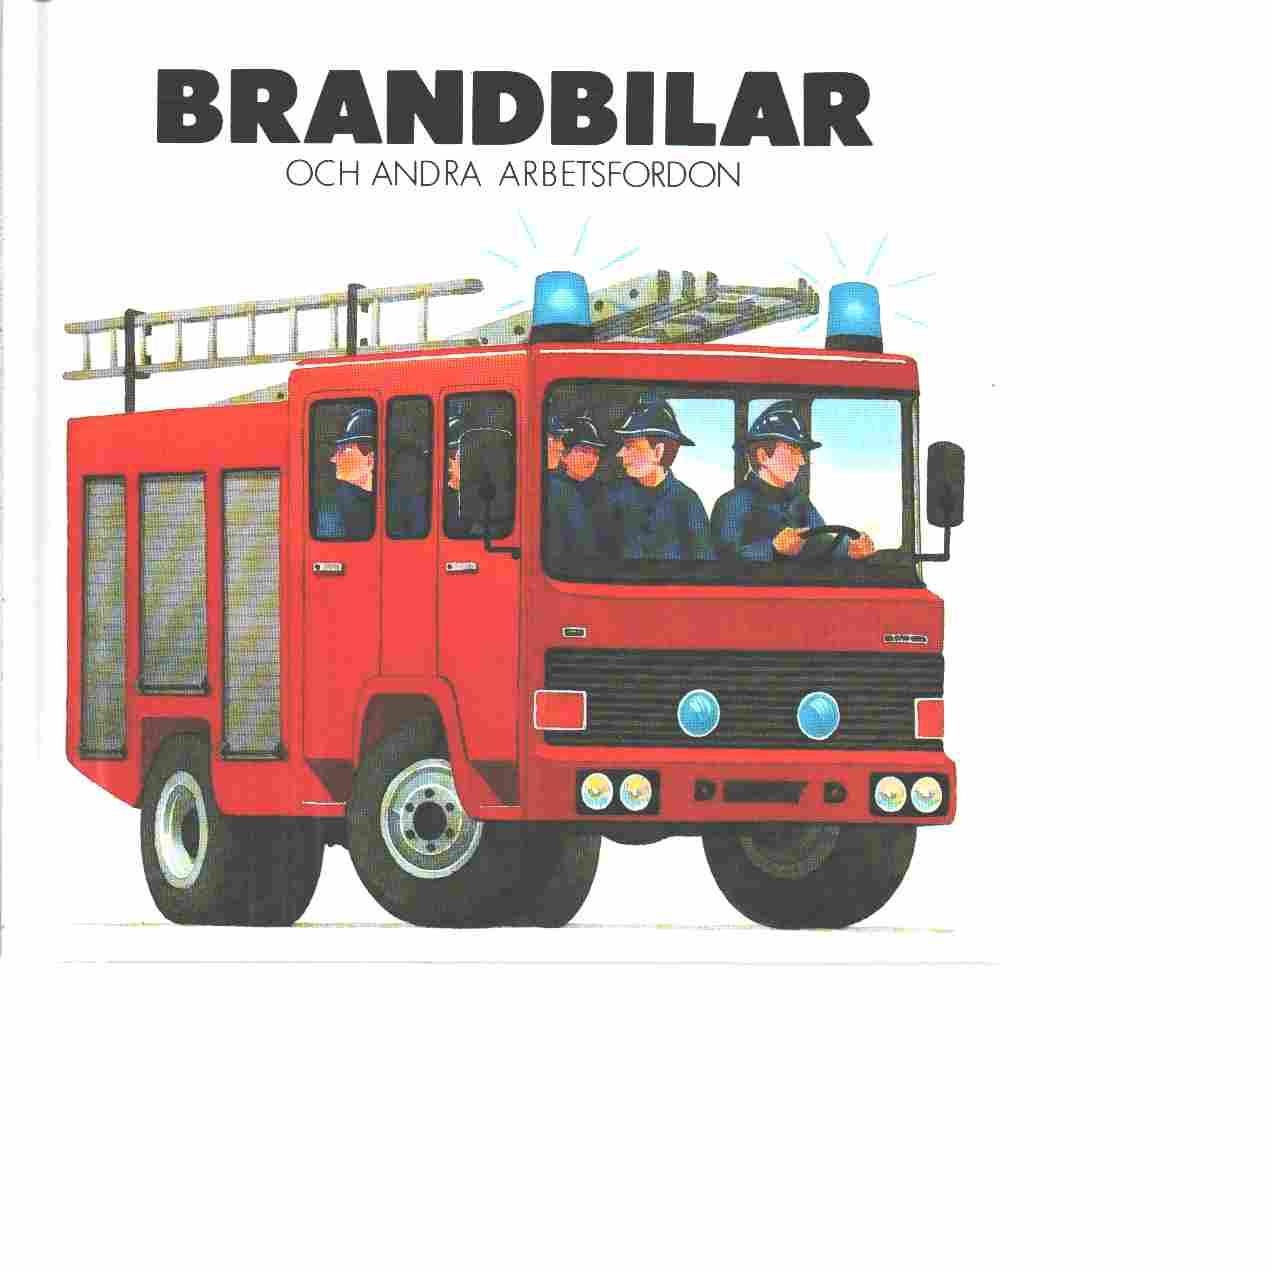 Brandbilar och andra arbetsfordon - Stickland, Paul  och Johansson, George